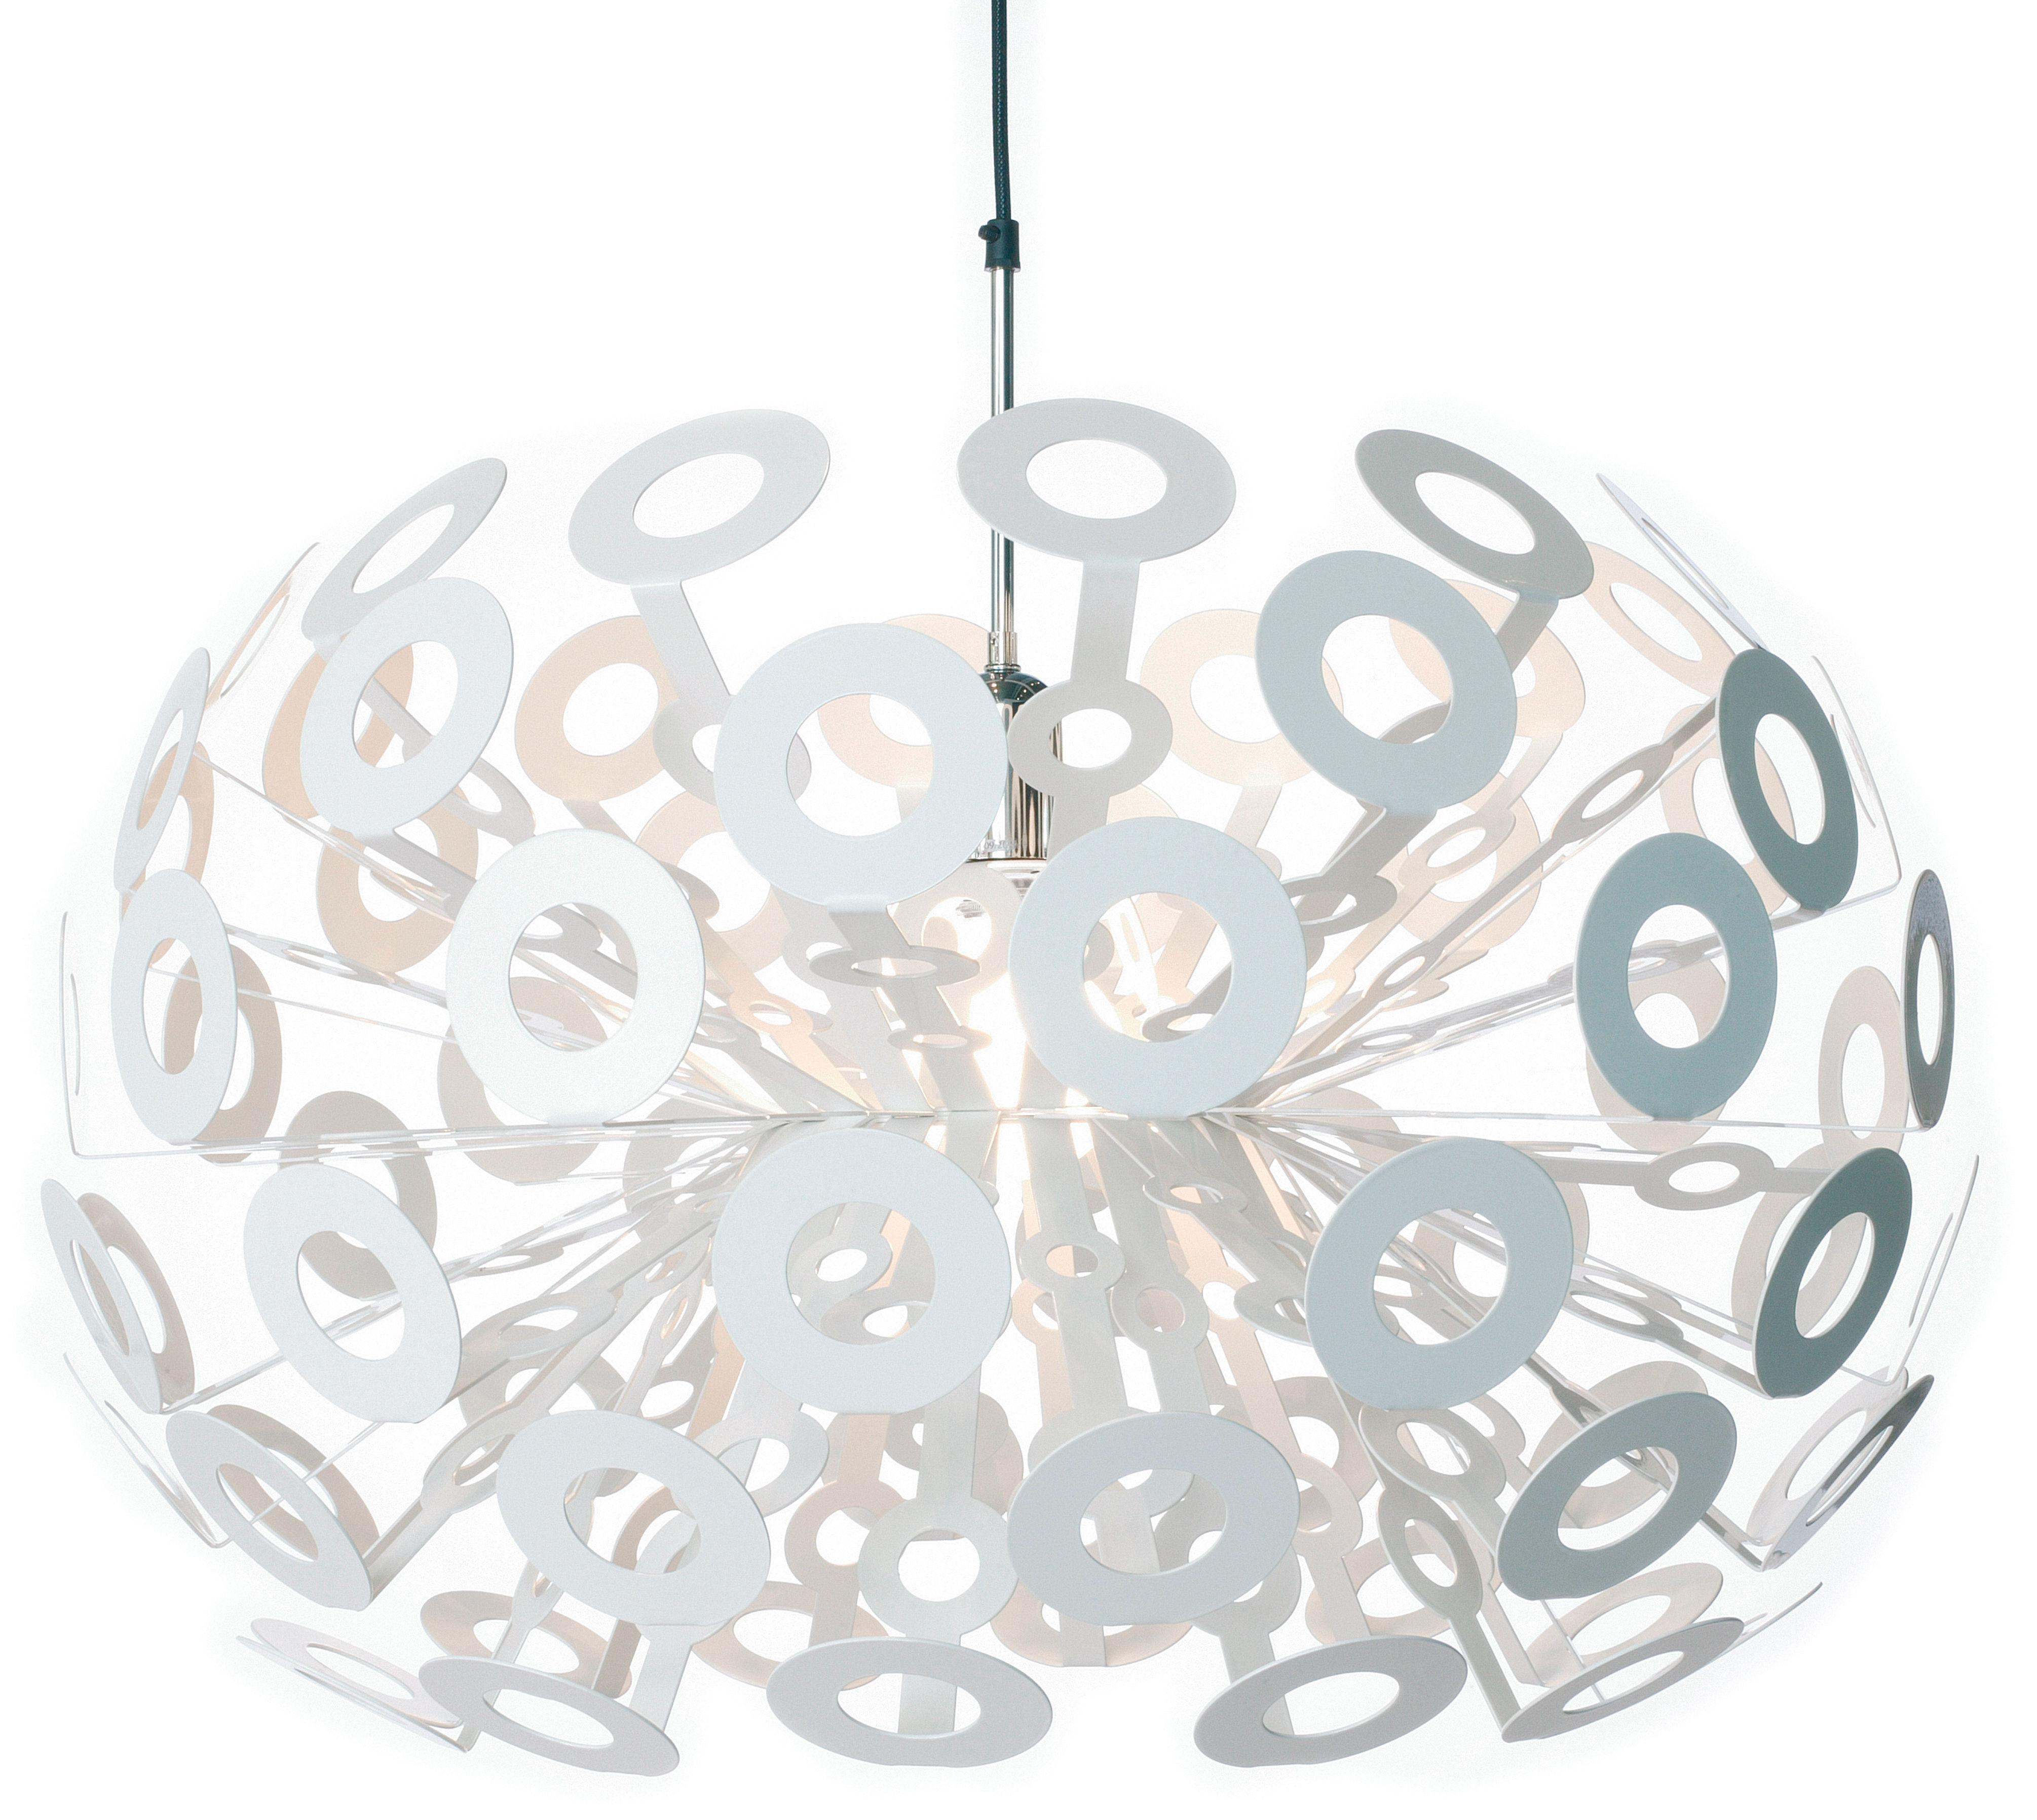 Leuchten - Pendelleuchten - Dandelion Pendelleuchte - Moooi - Weiß - bemalter Stahl